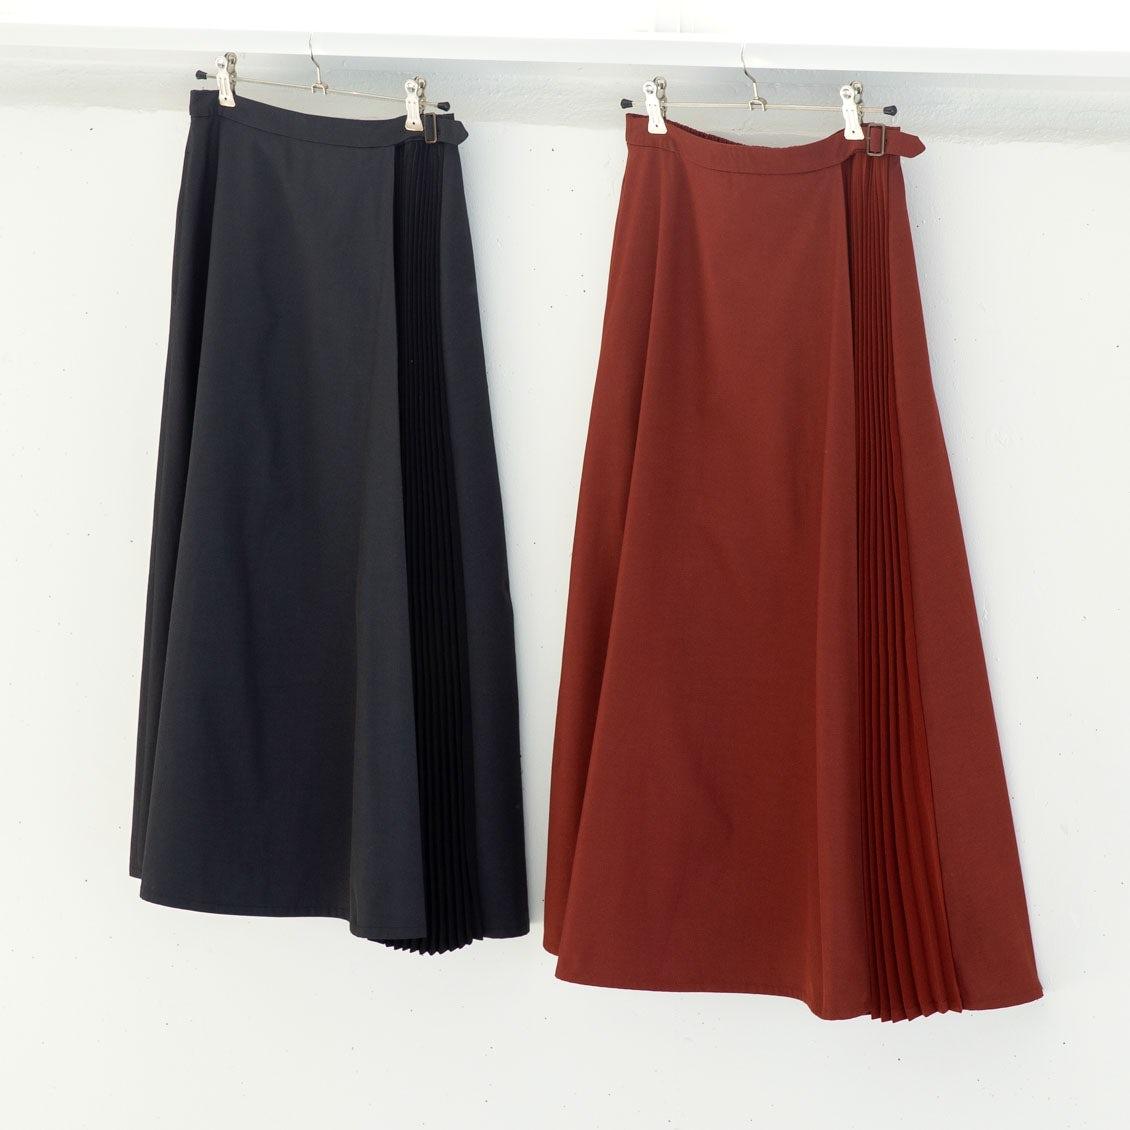 【着用レビュー】サイドプリーツスカートを身長別3名のスタッフが着てみました!